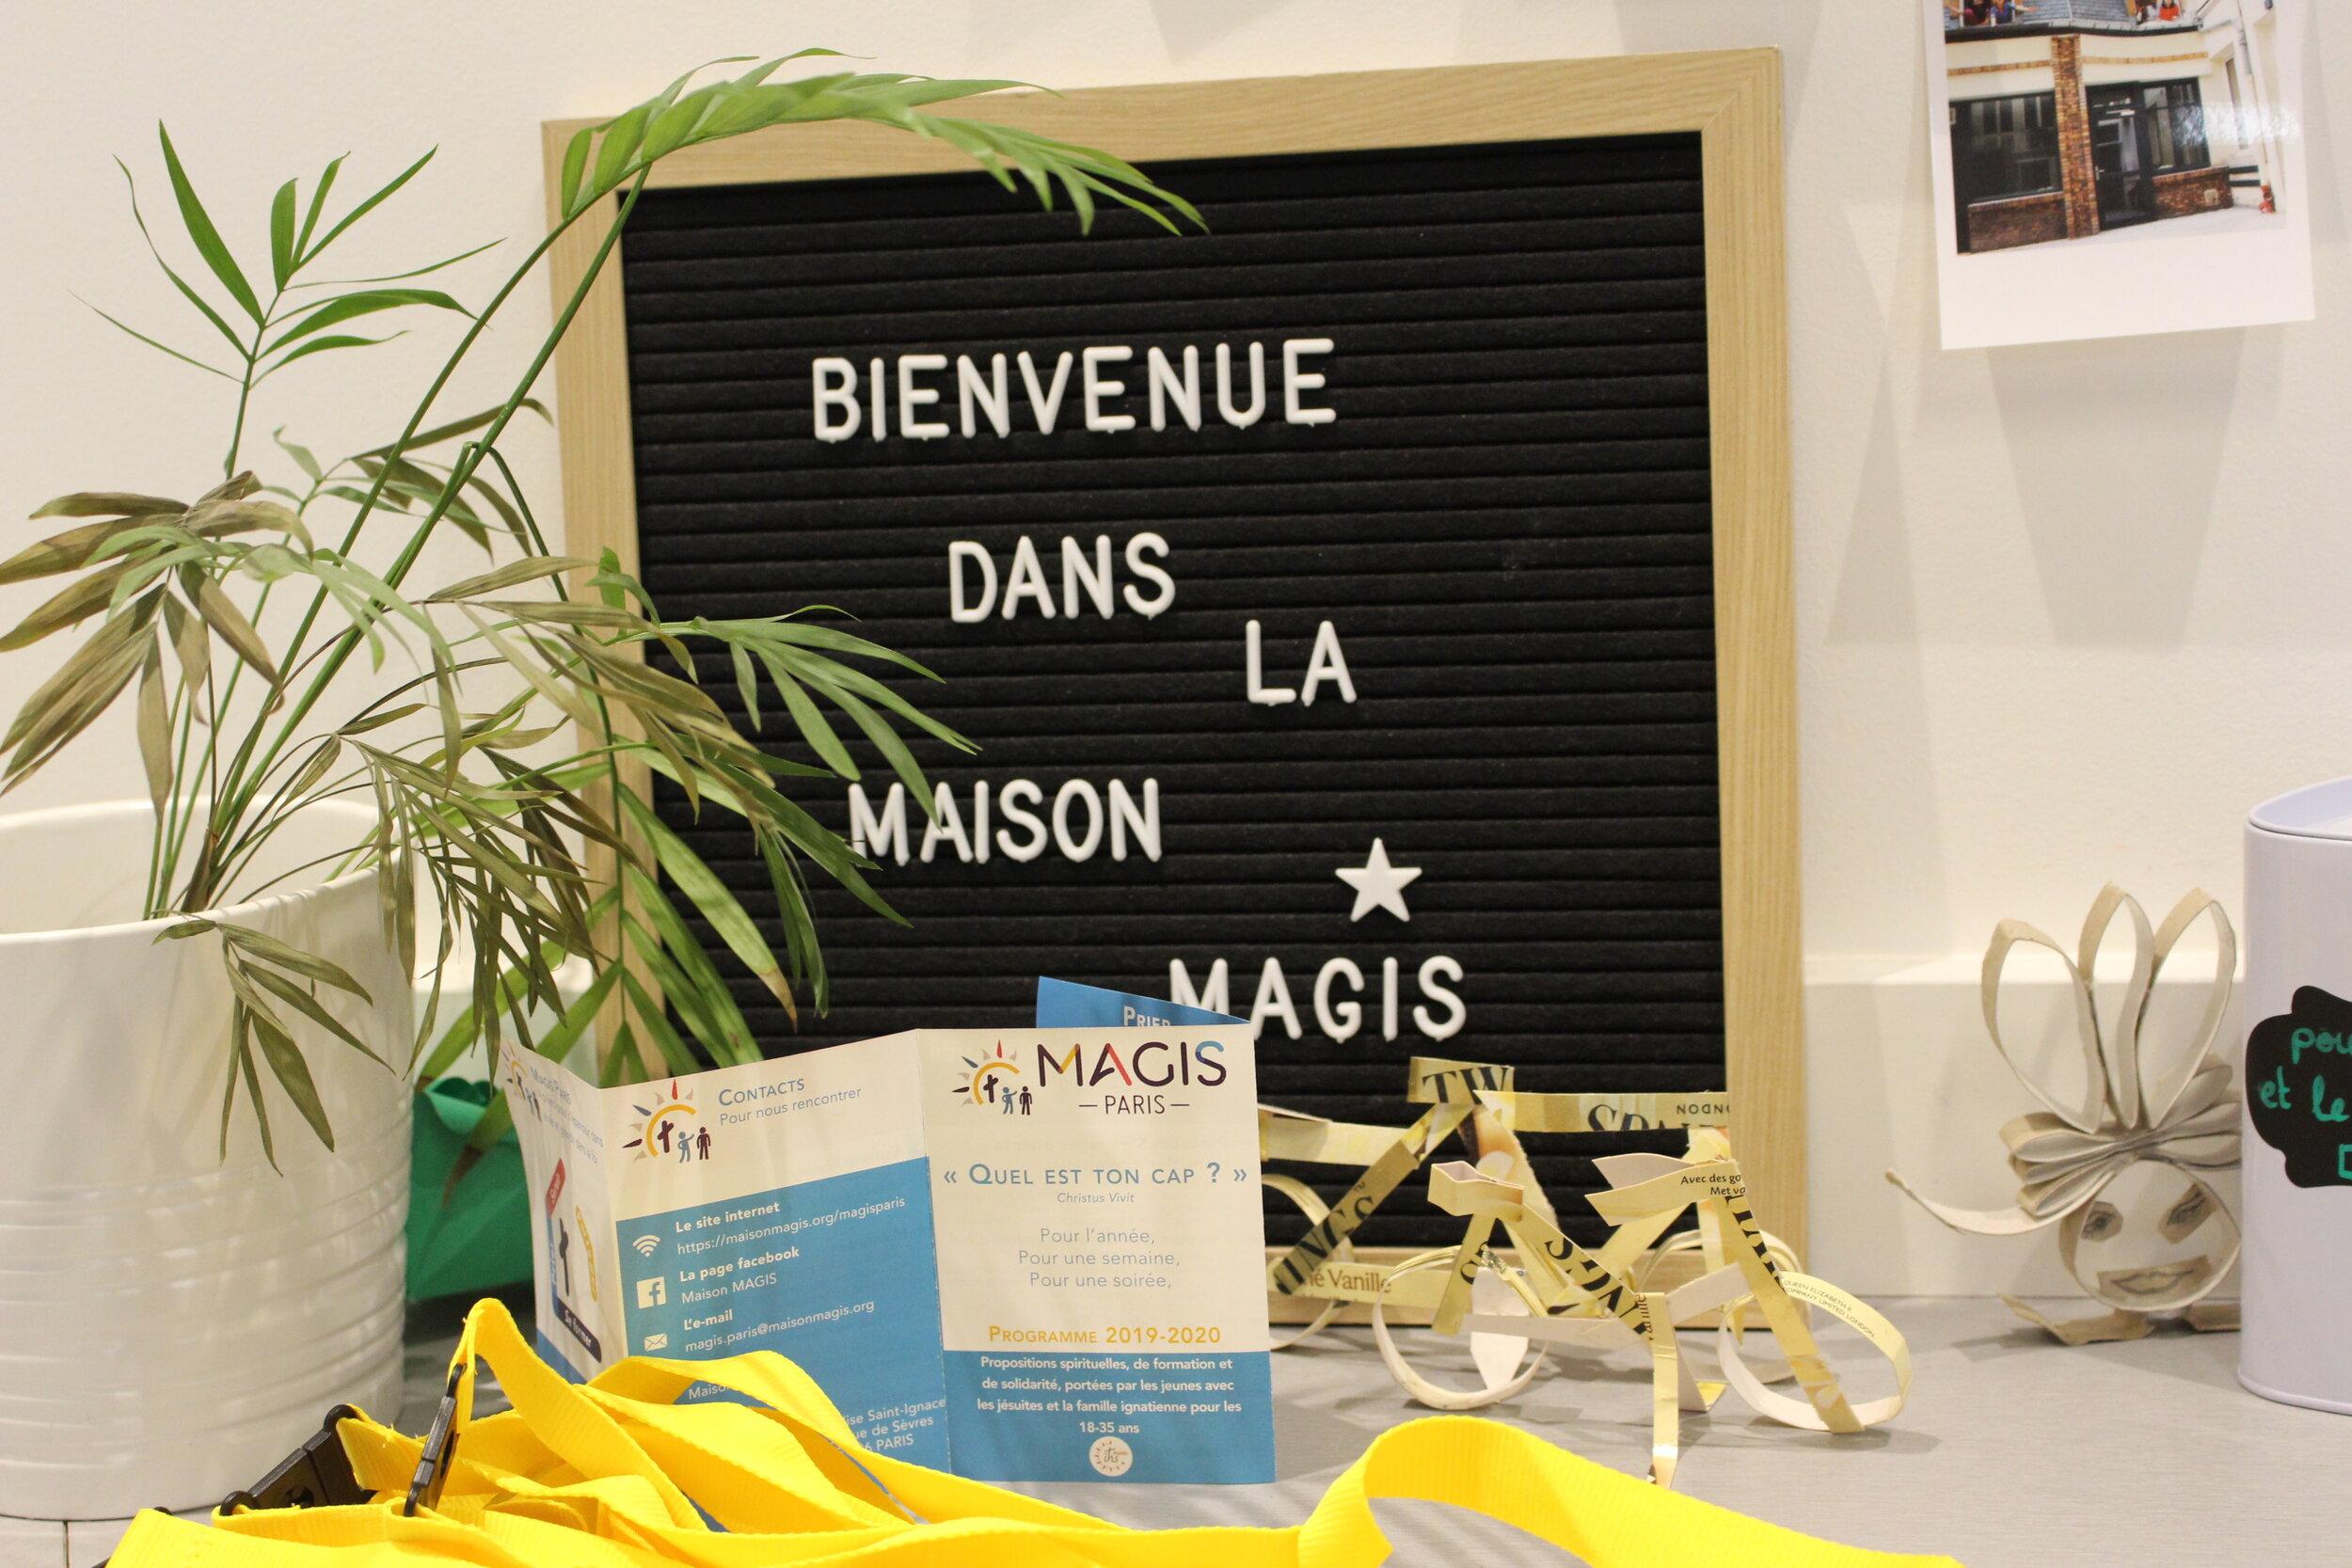 BIENVENUE_MAISON_MAGIS_6695.JPG